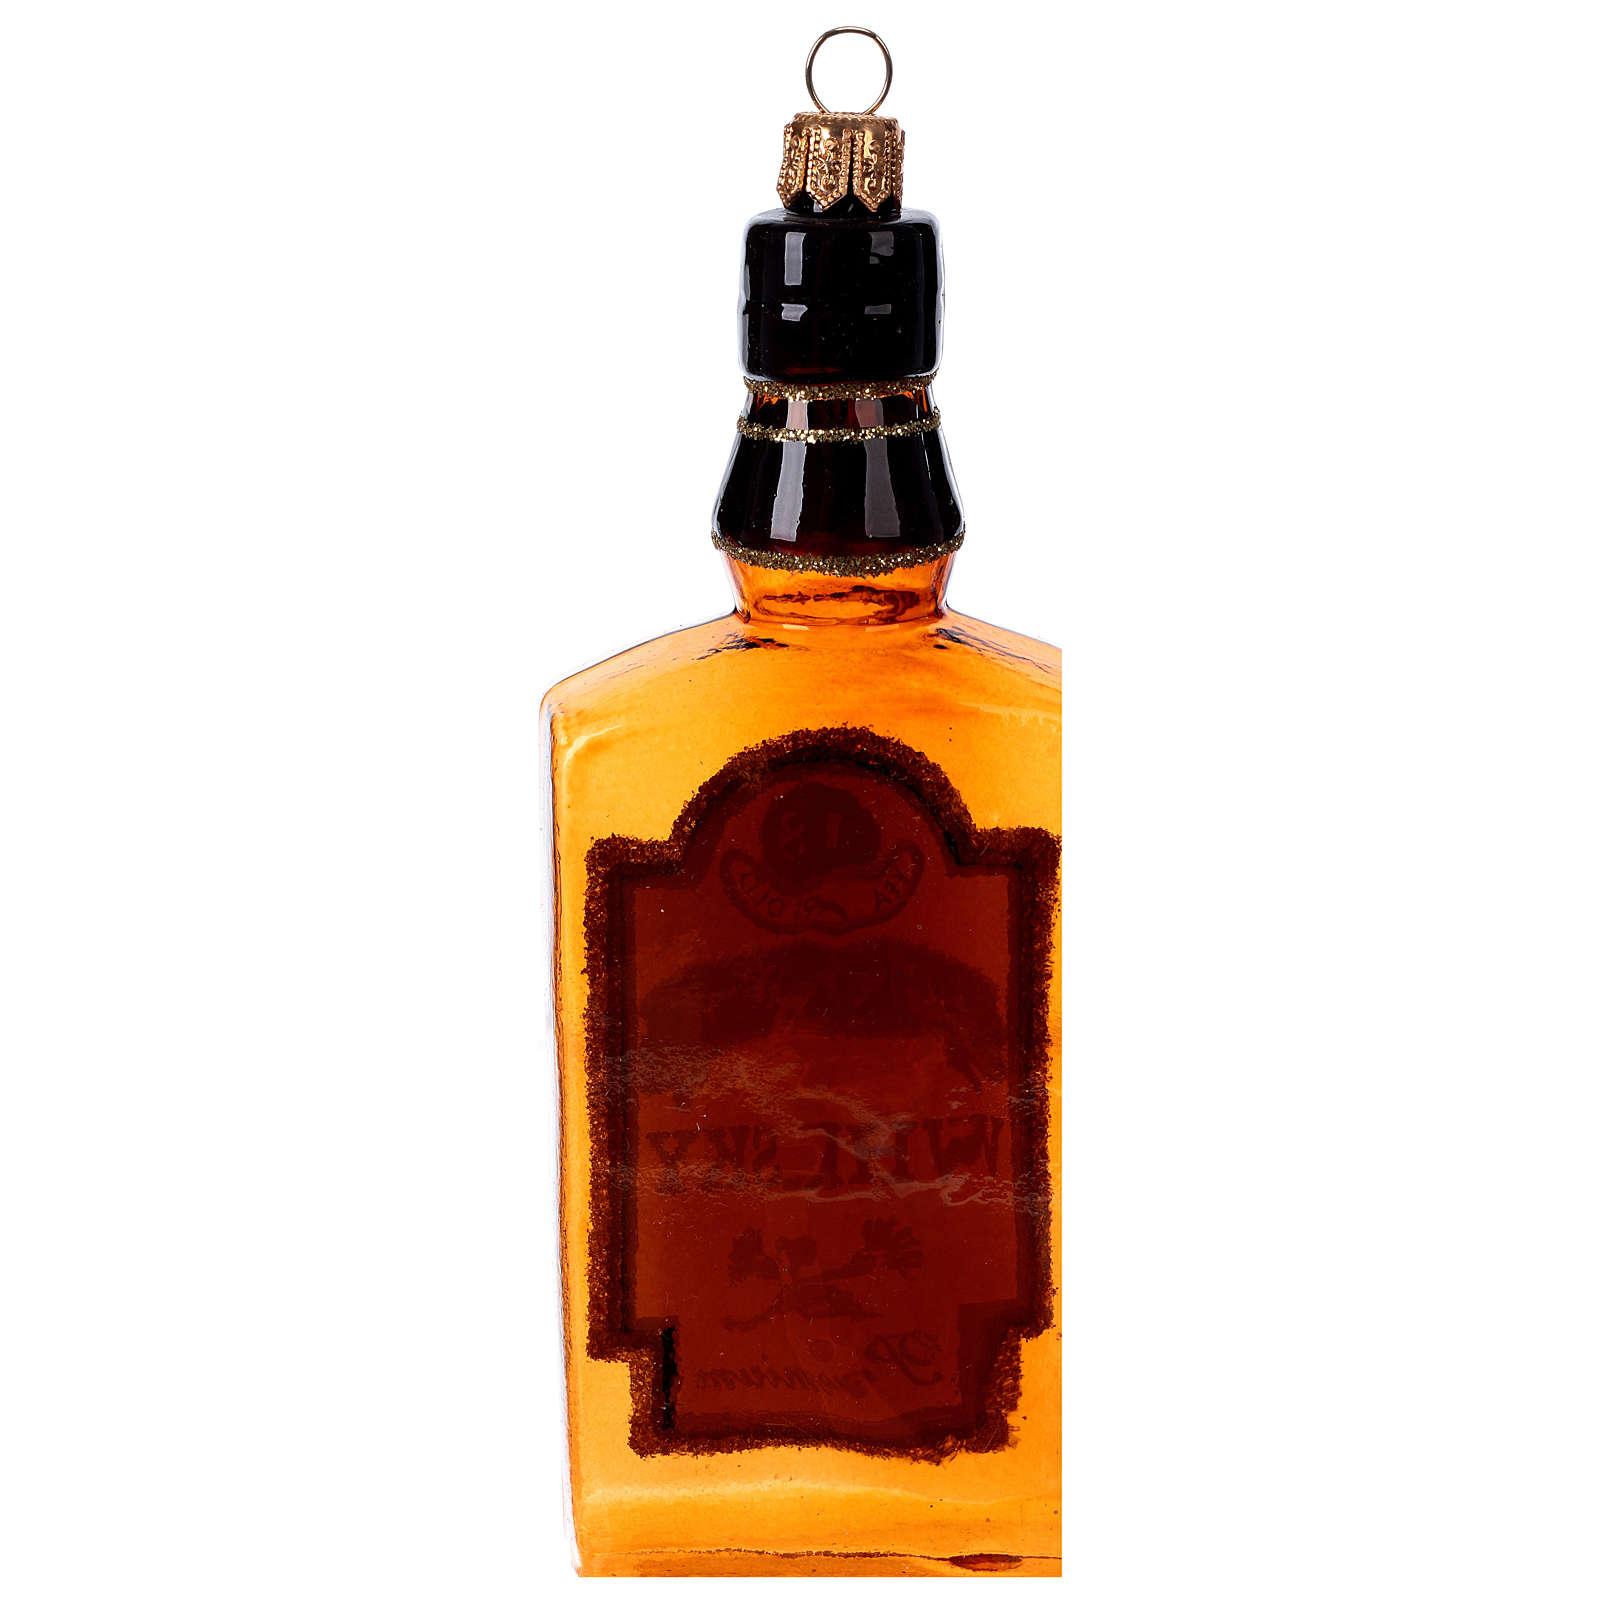 Blown glass Christmas ornament, whisky bottle 4